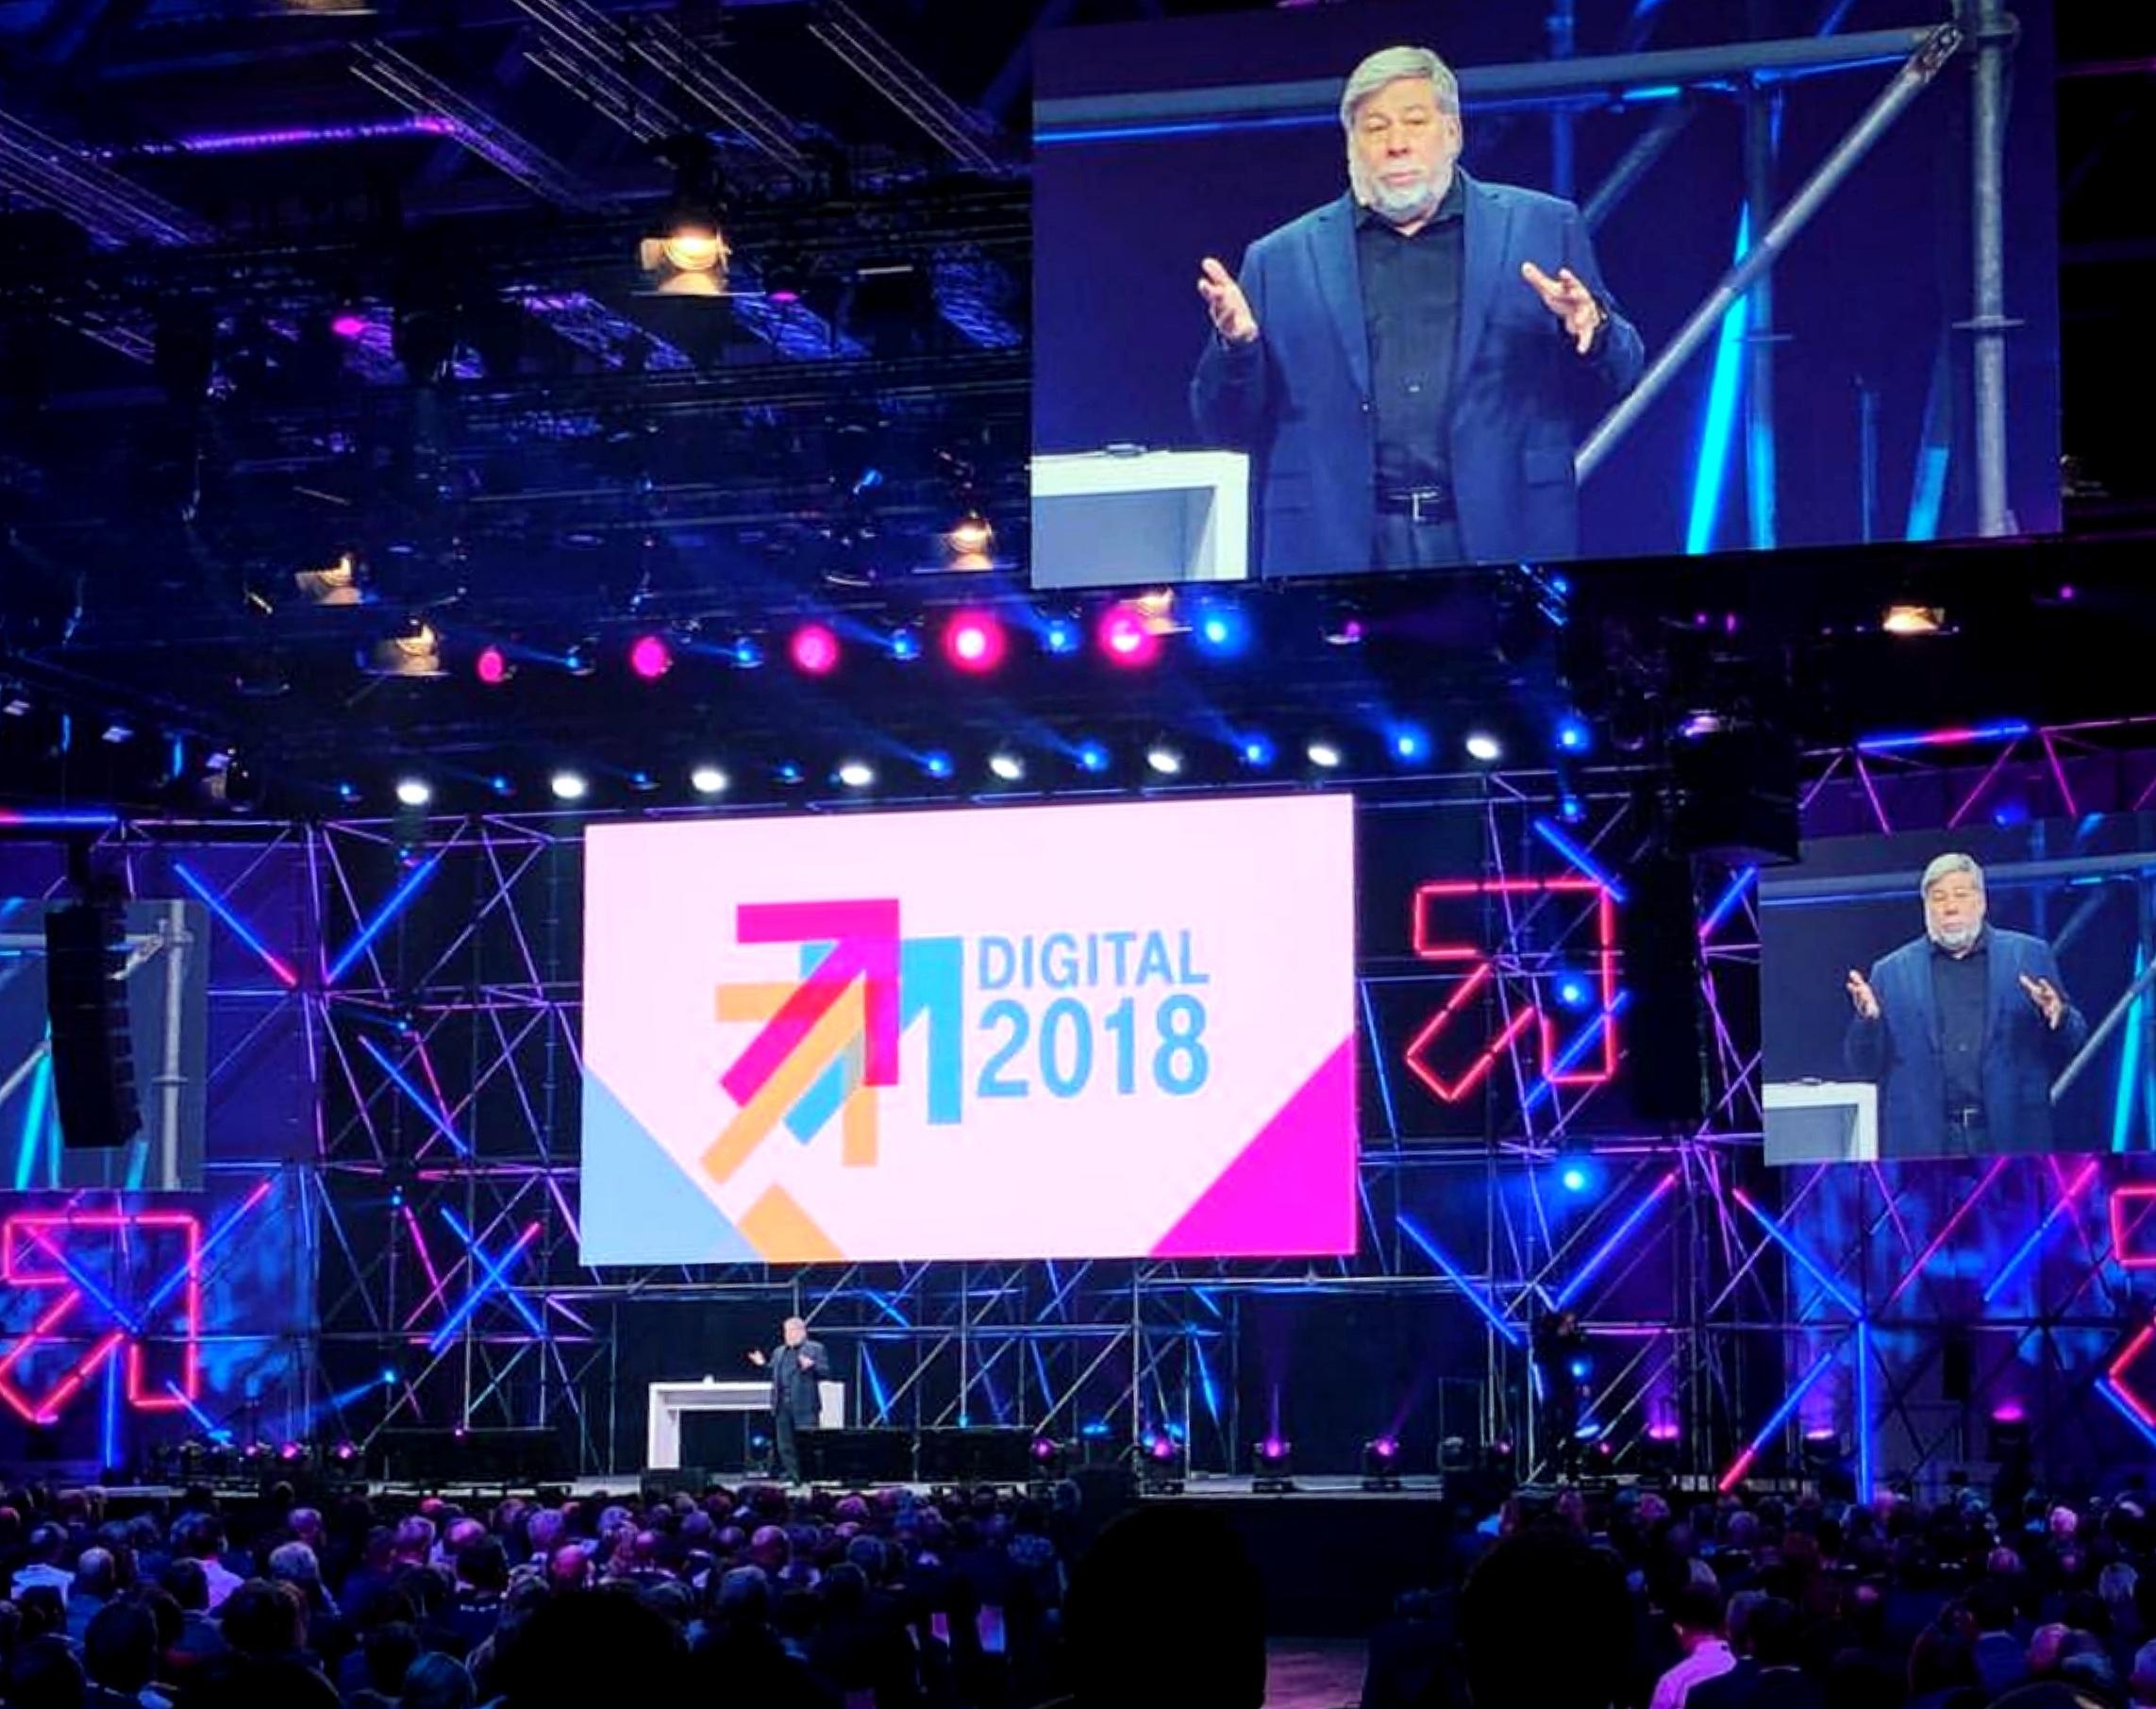 Digital 2018 – Ein Rückblick auf Europas größten Digitalisierungsgipfel